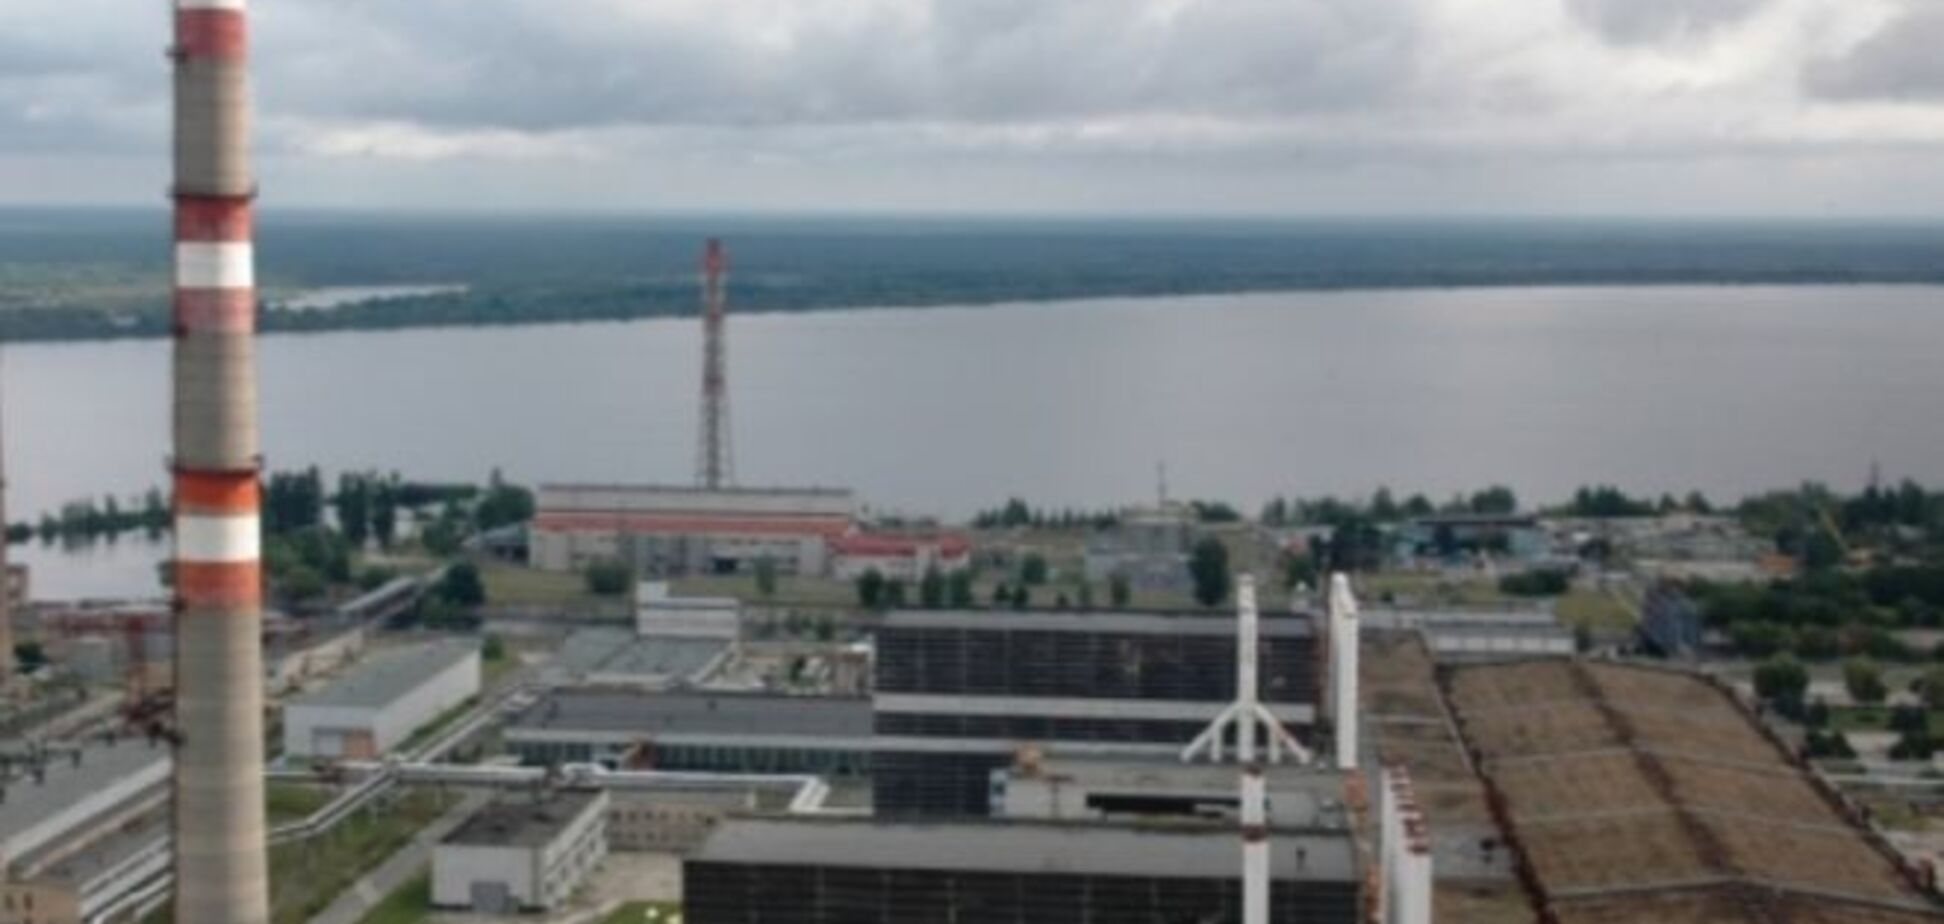 Неизвестные угрожают взорвать Чернобыльскую АЭС: объект переведен на усиленный режим охраны